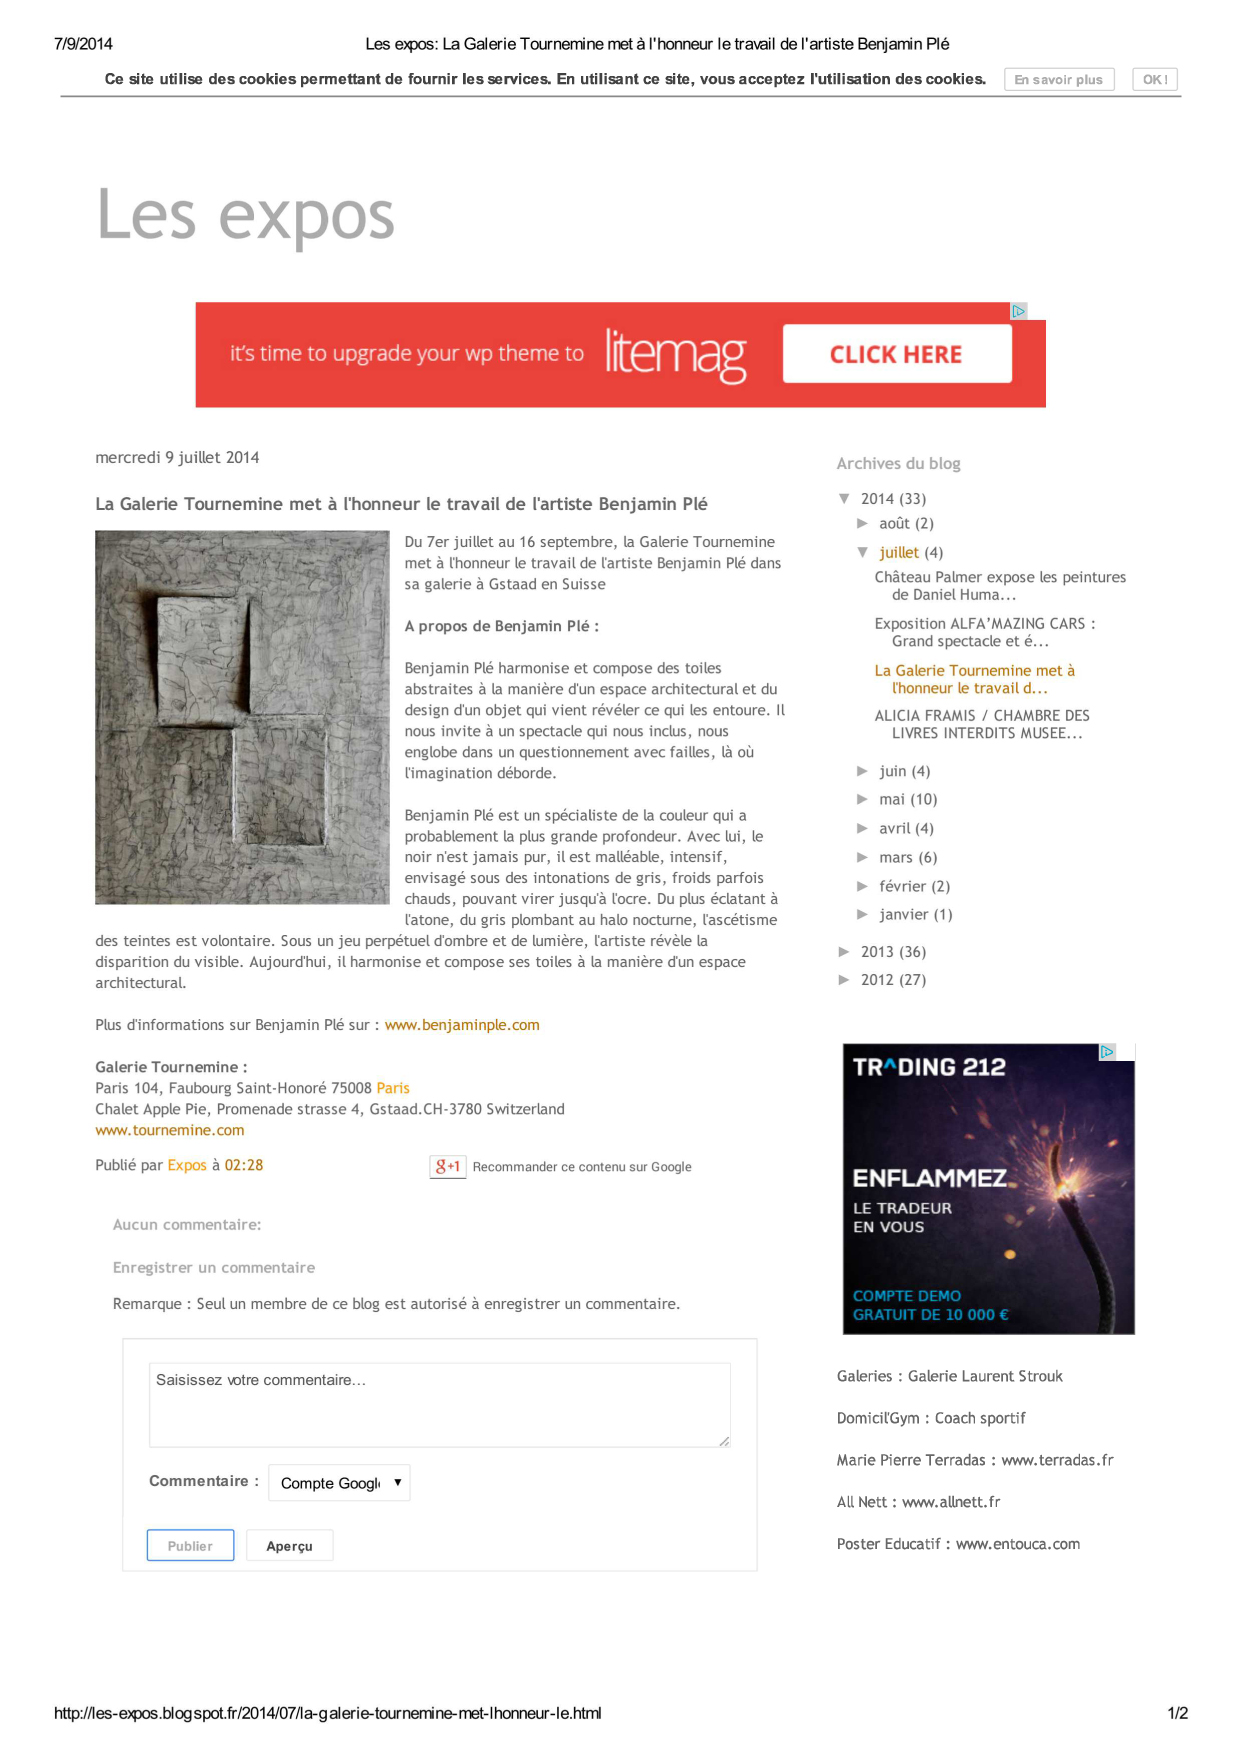 Article - Les-expos.blogspot